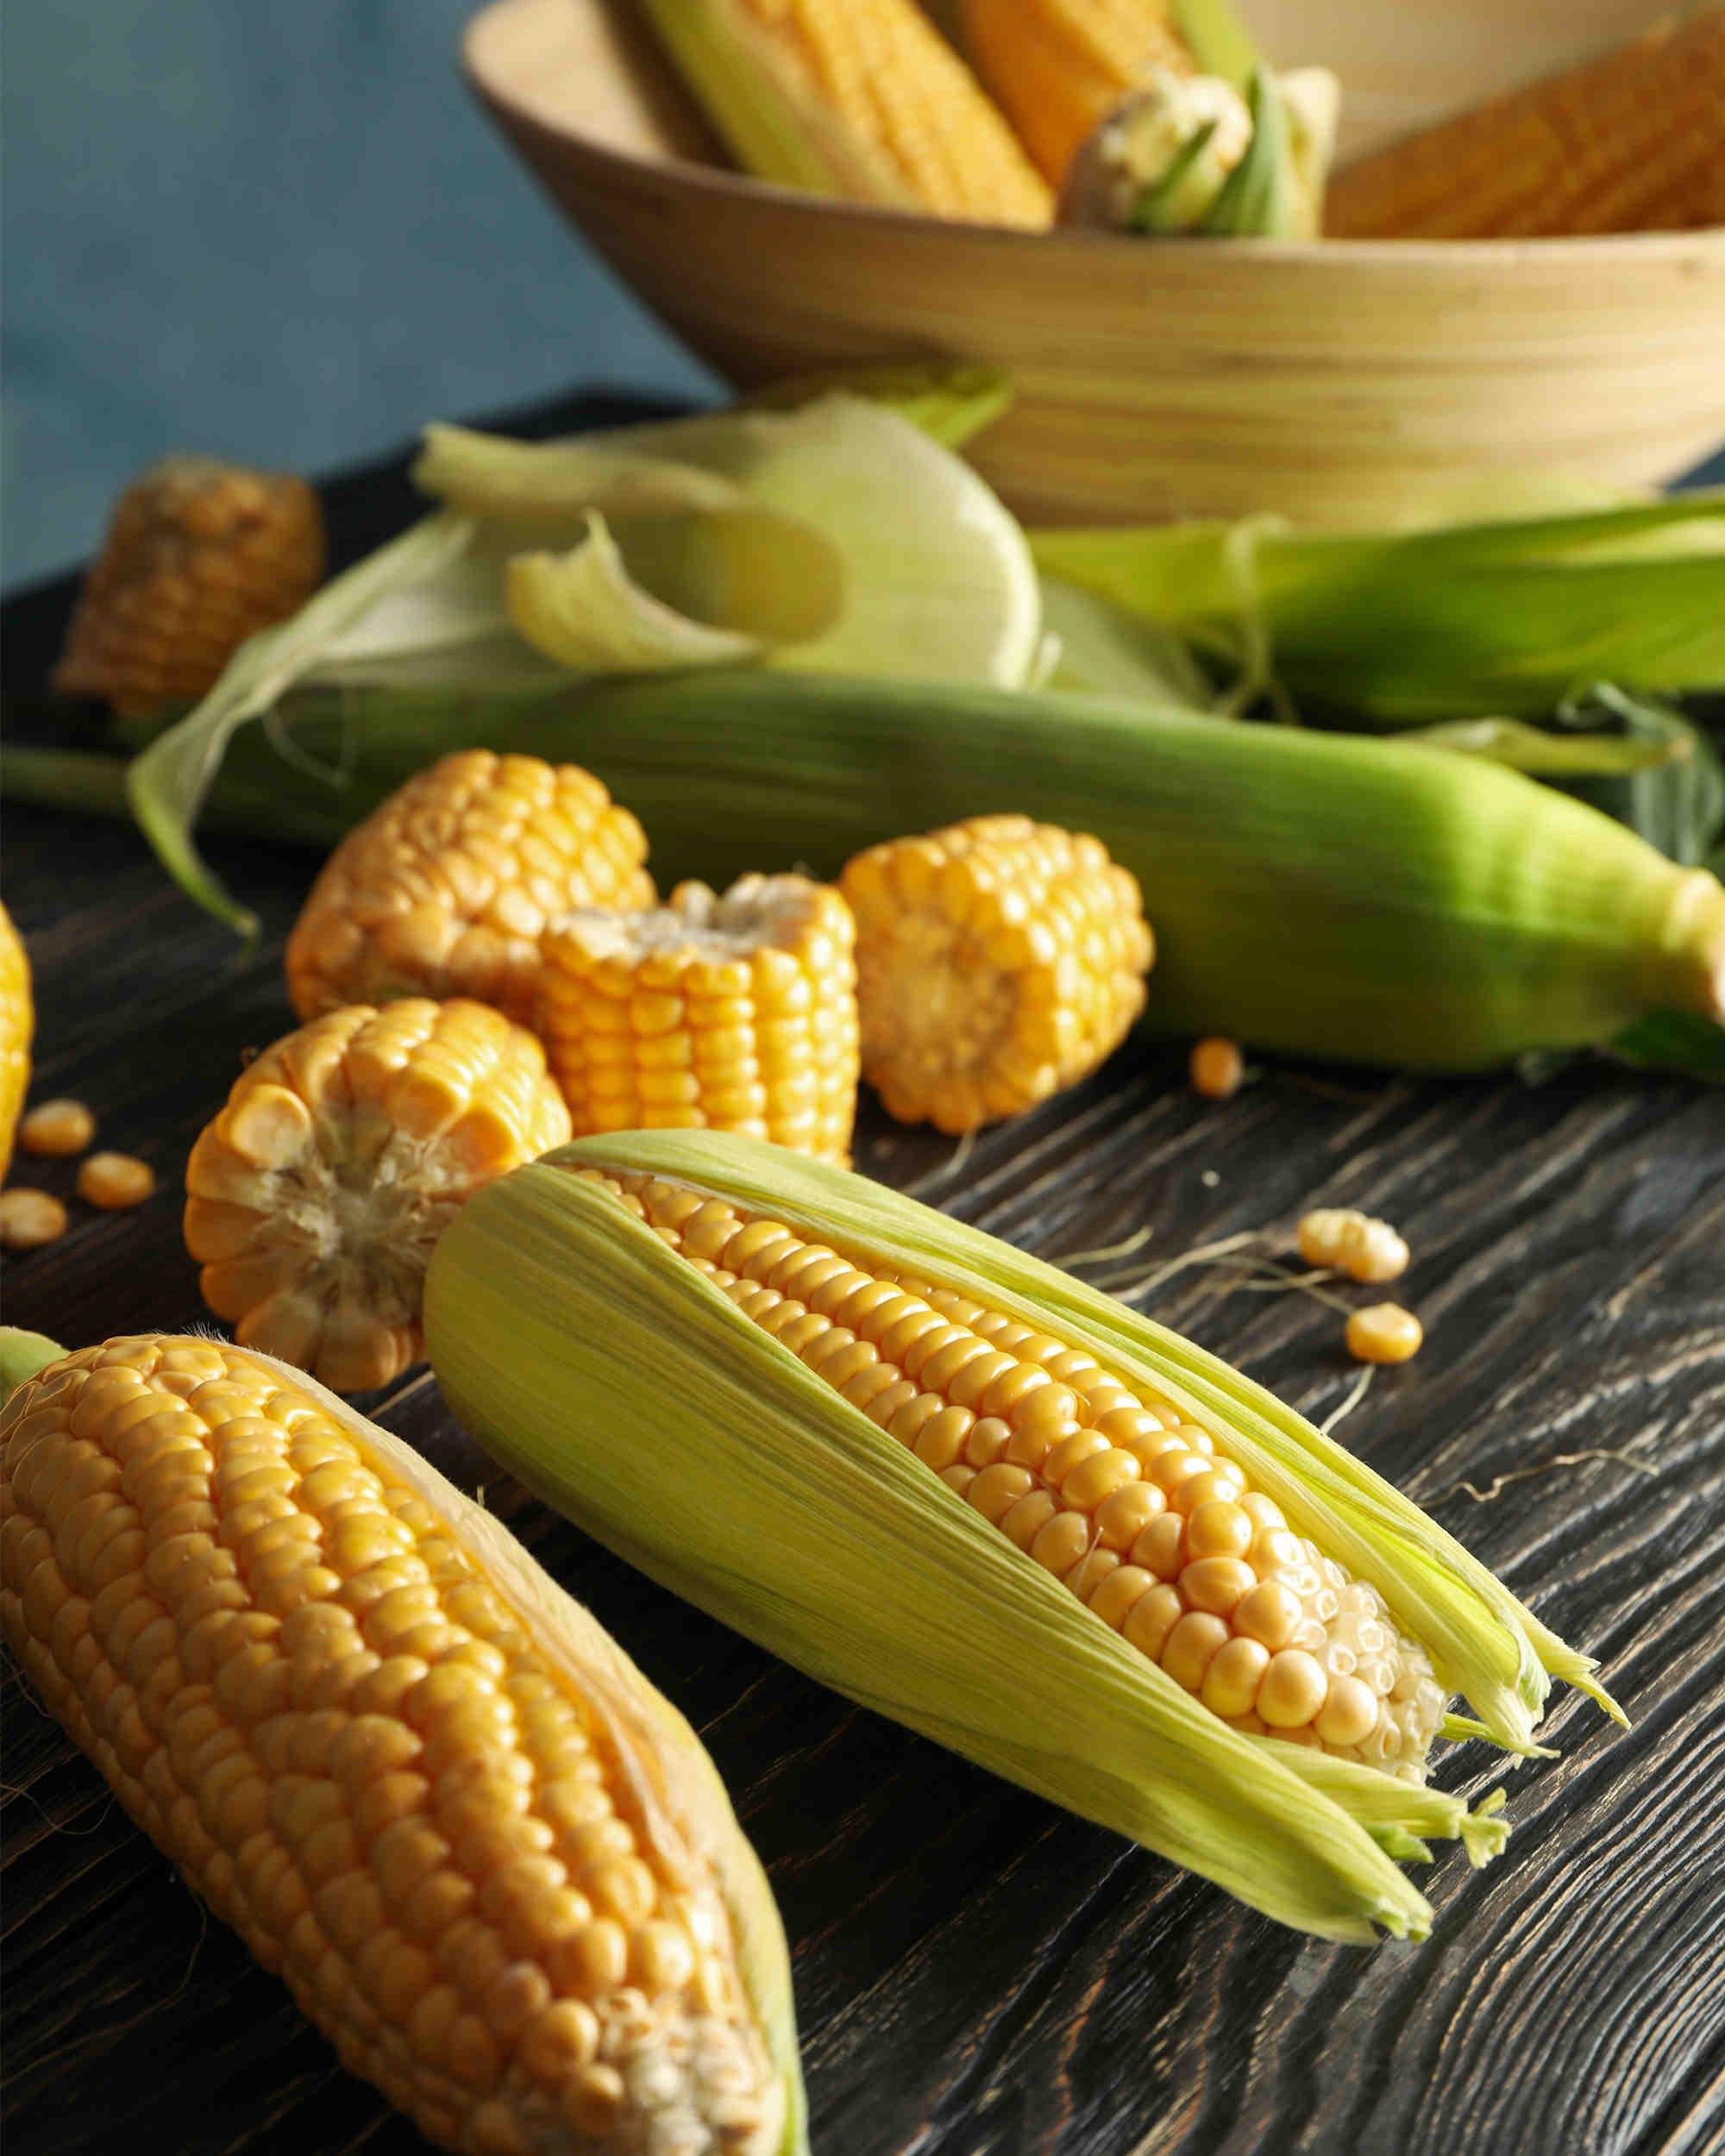 Comment savoir si le blé est cuit ?